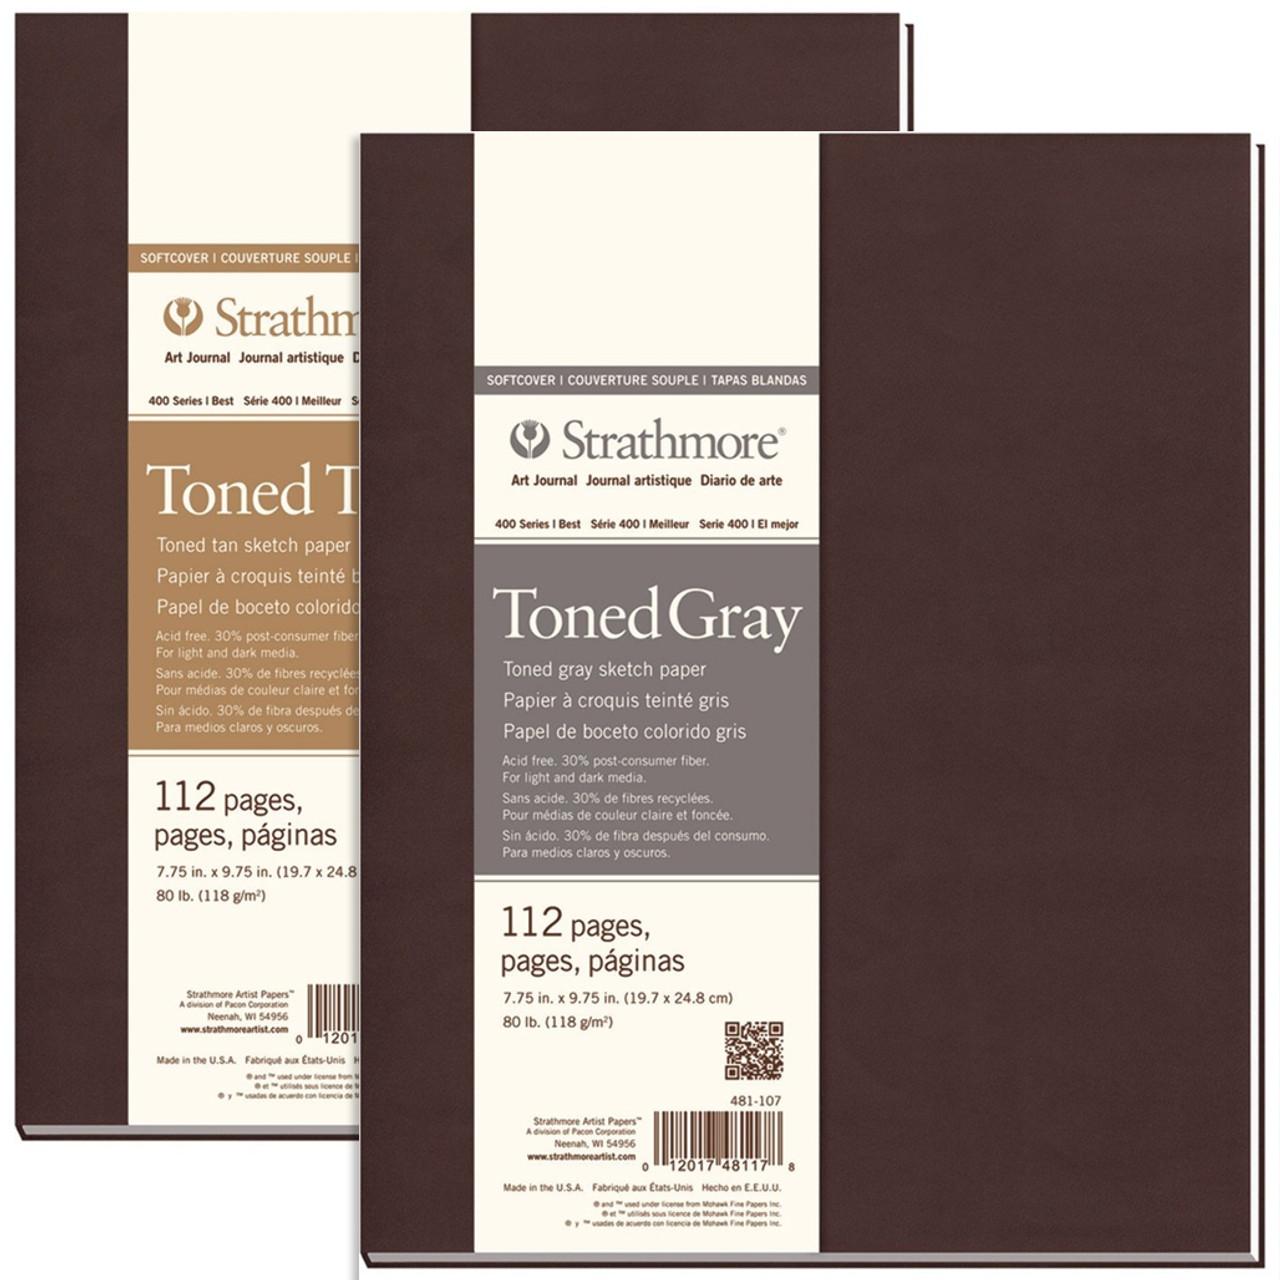 Strathmore Toned Art Journal 400 Series